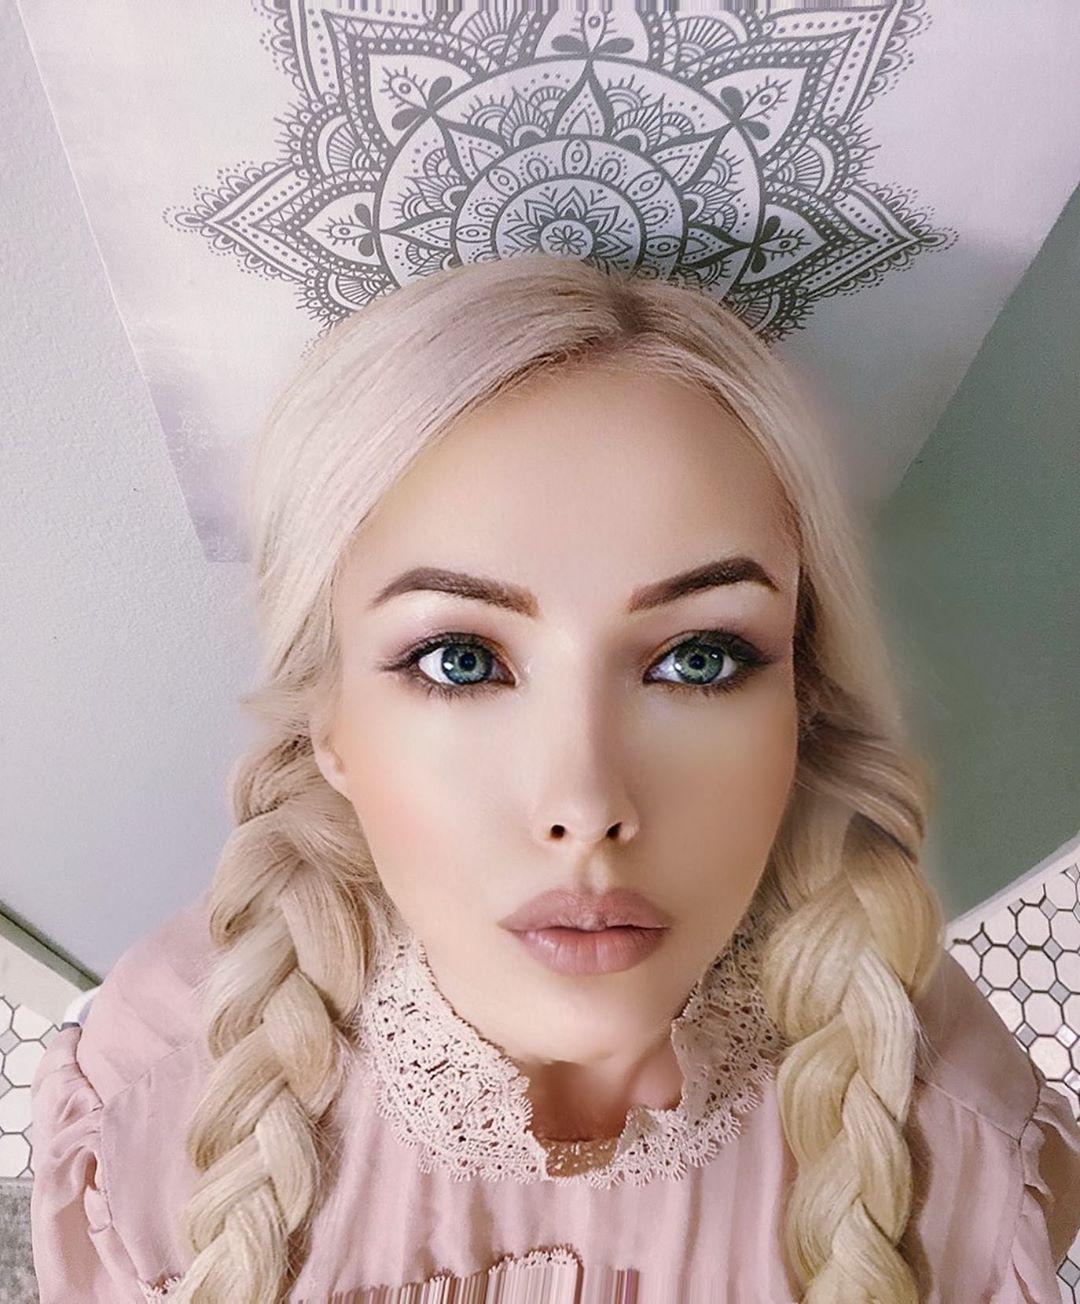 Валерия Лукьянова показала нереально тонкую талию